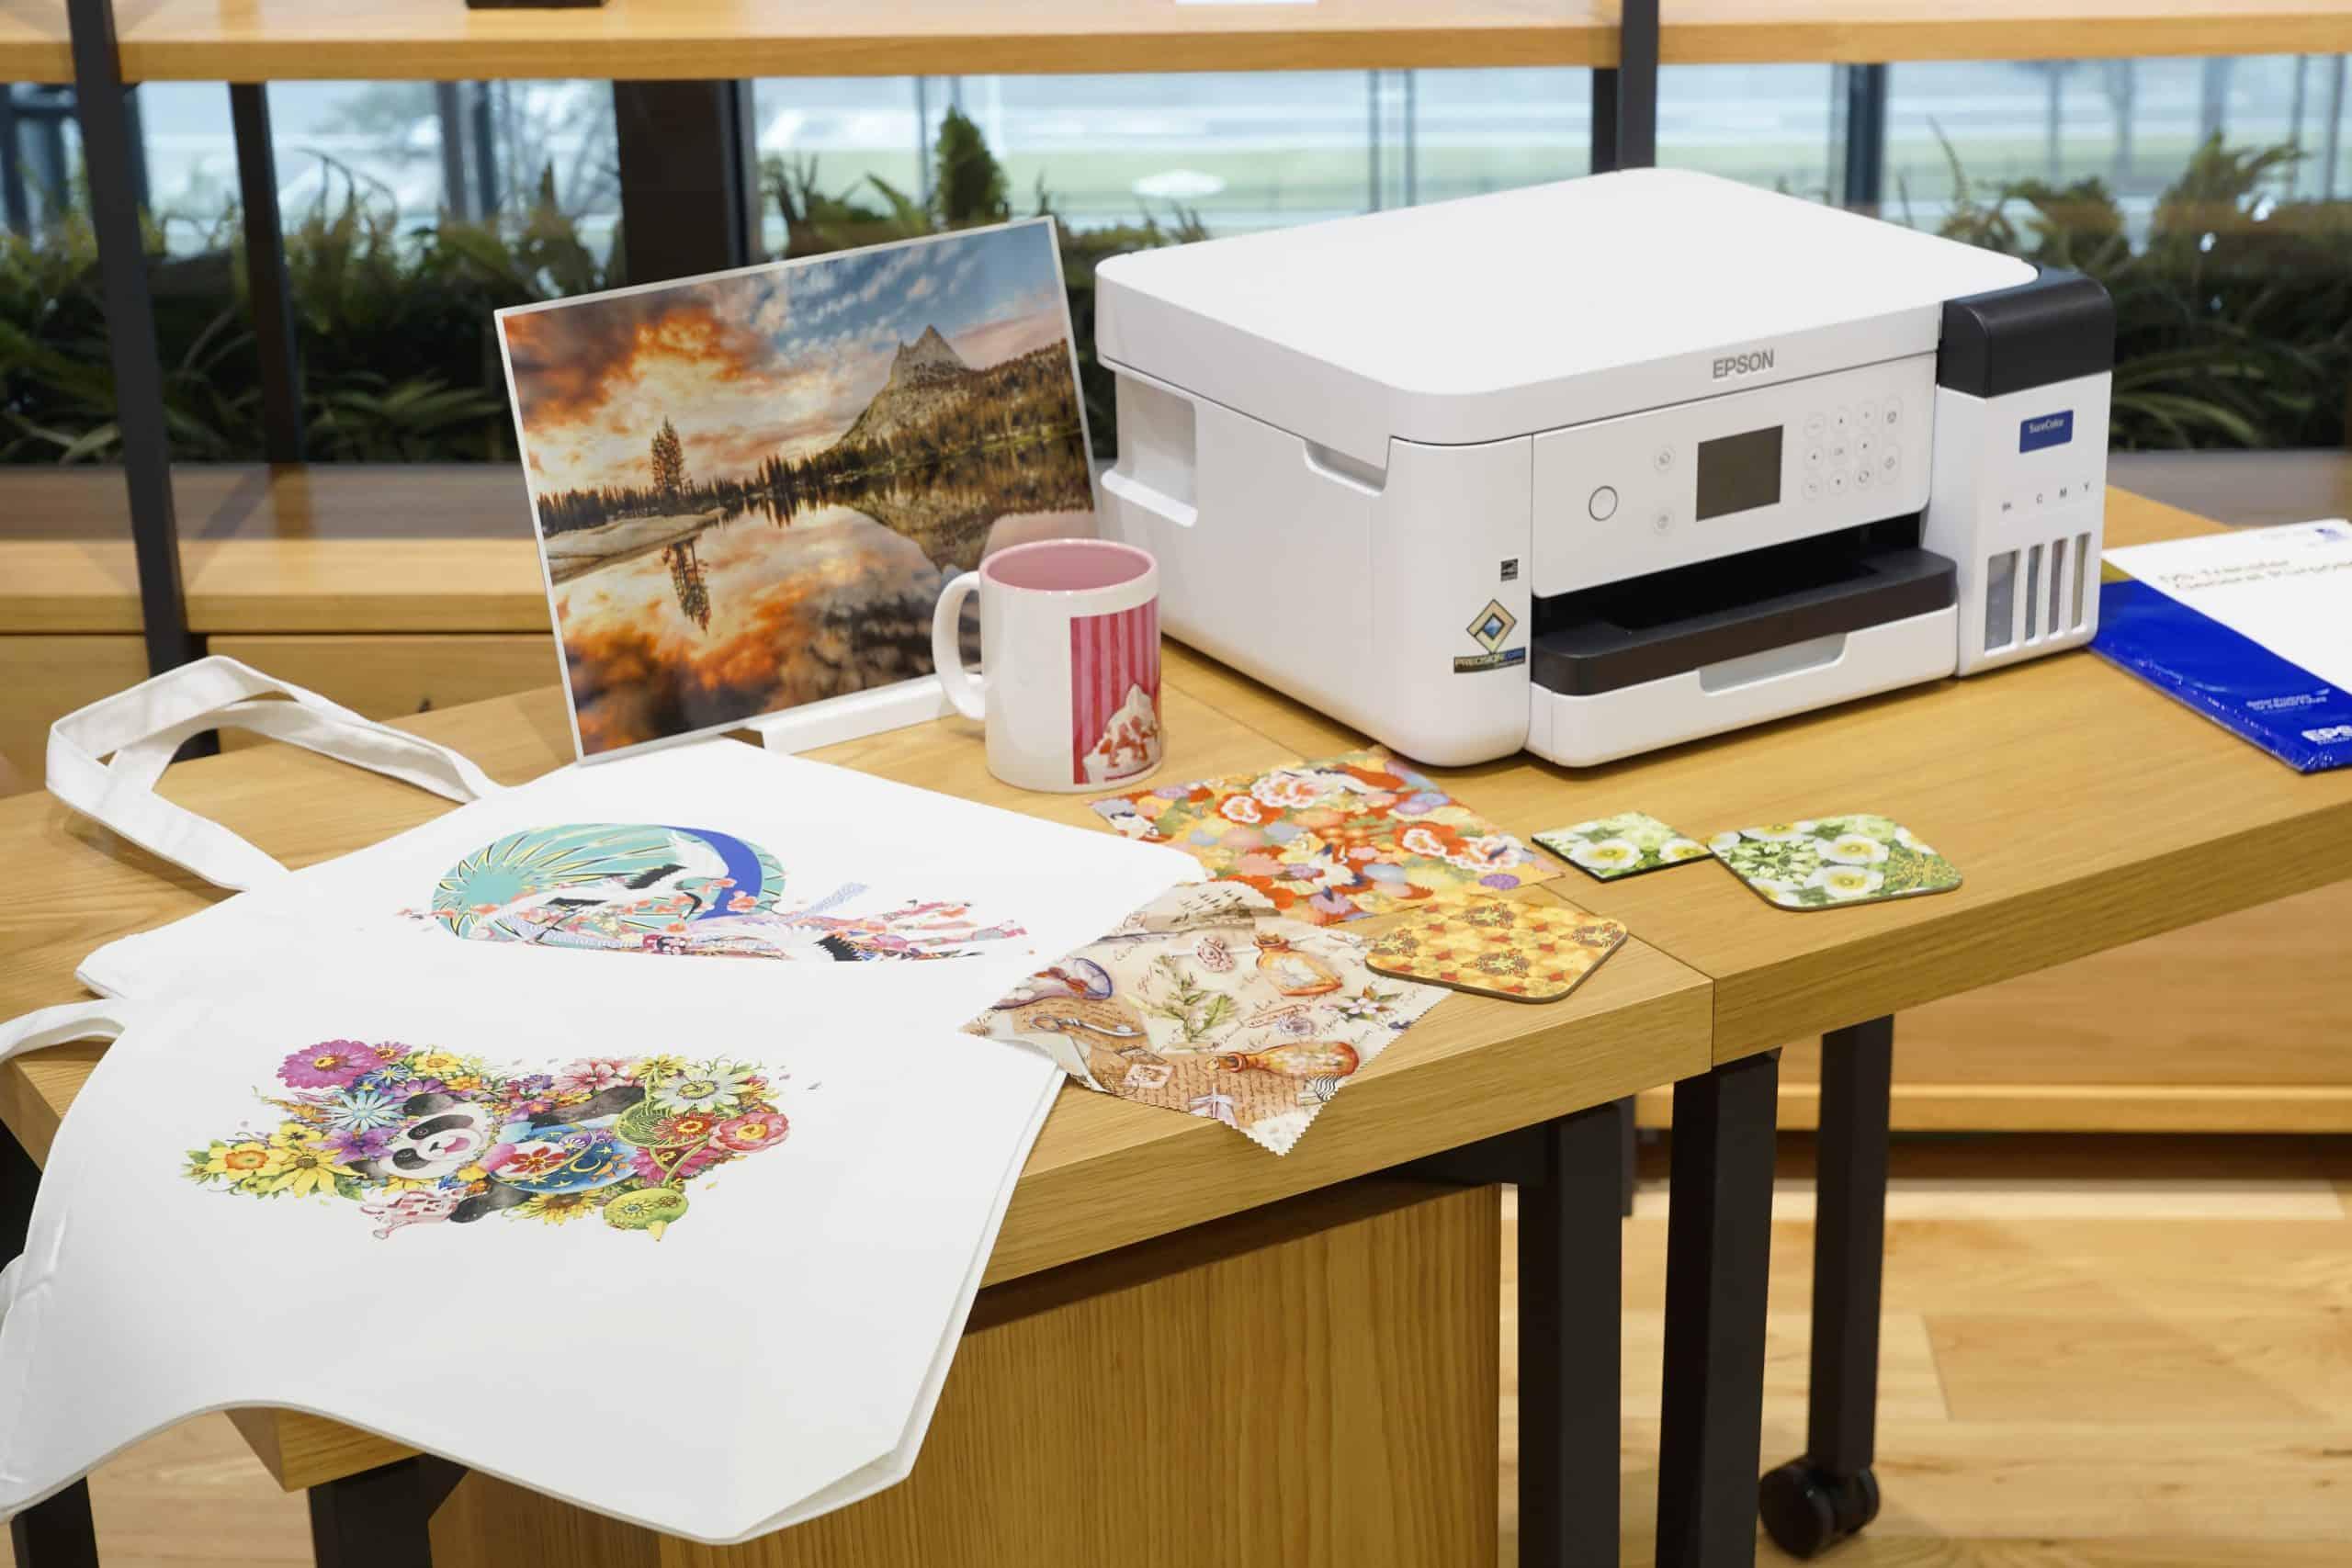 a1234 productpicture lores en int surecolor sc f100